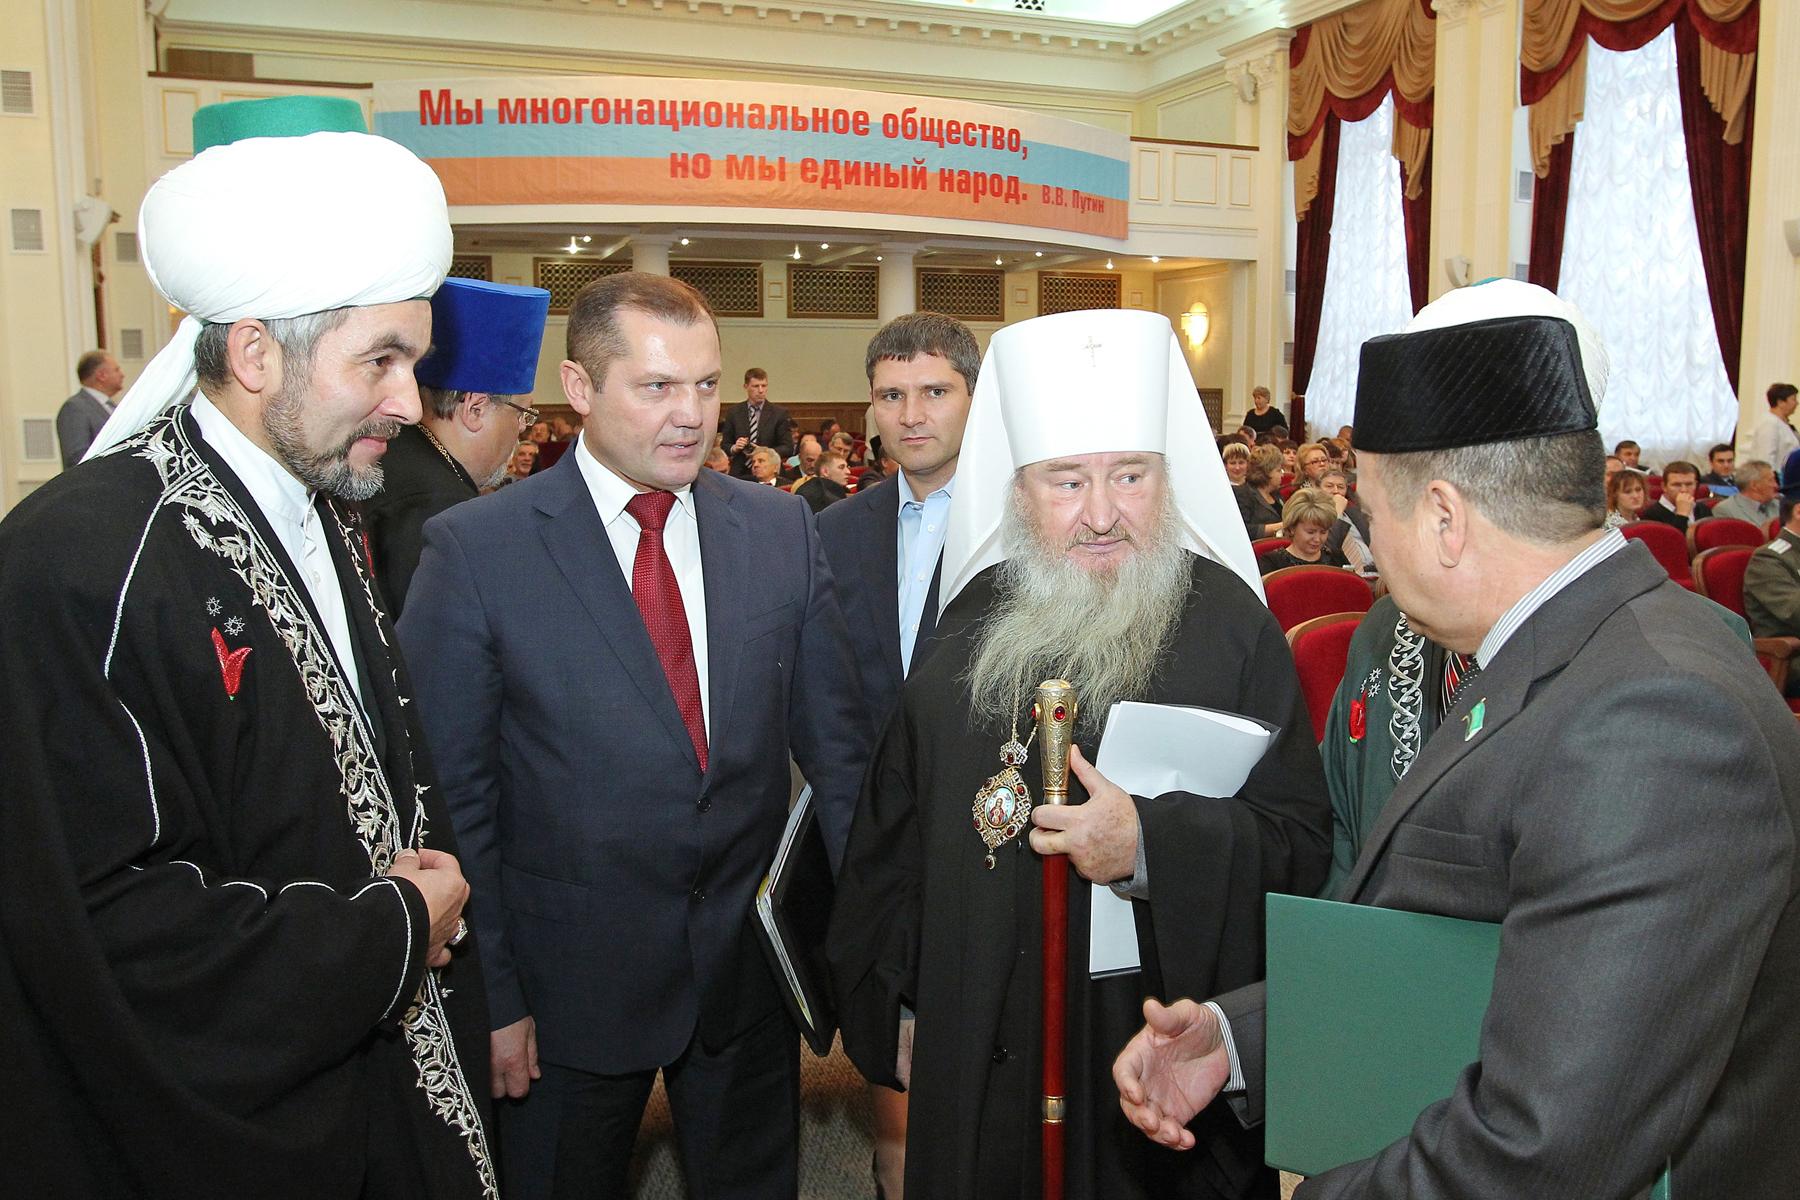 Форум, проходящий при поддержке губернатора Челябинской области Михаила Юревича, приурочен ко Дню